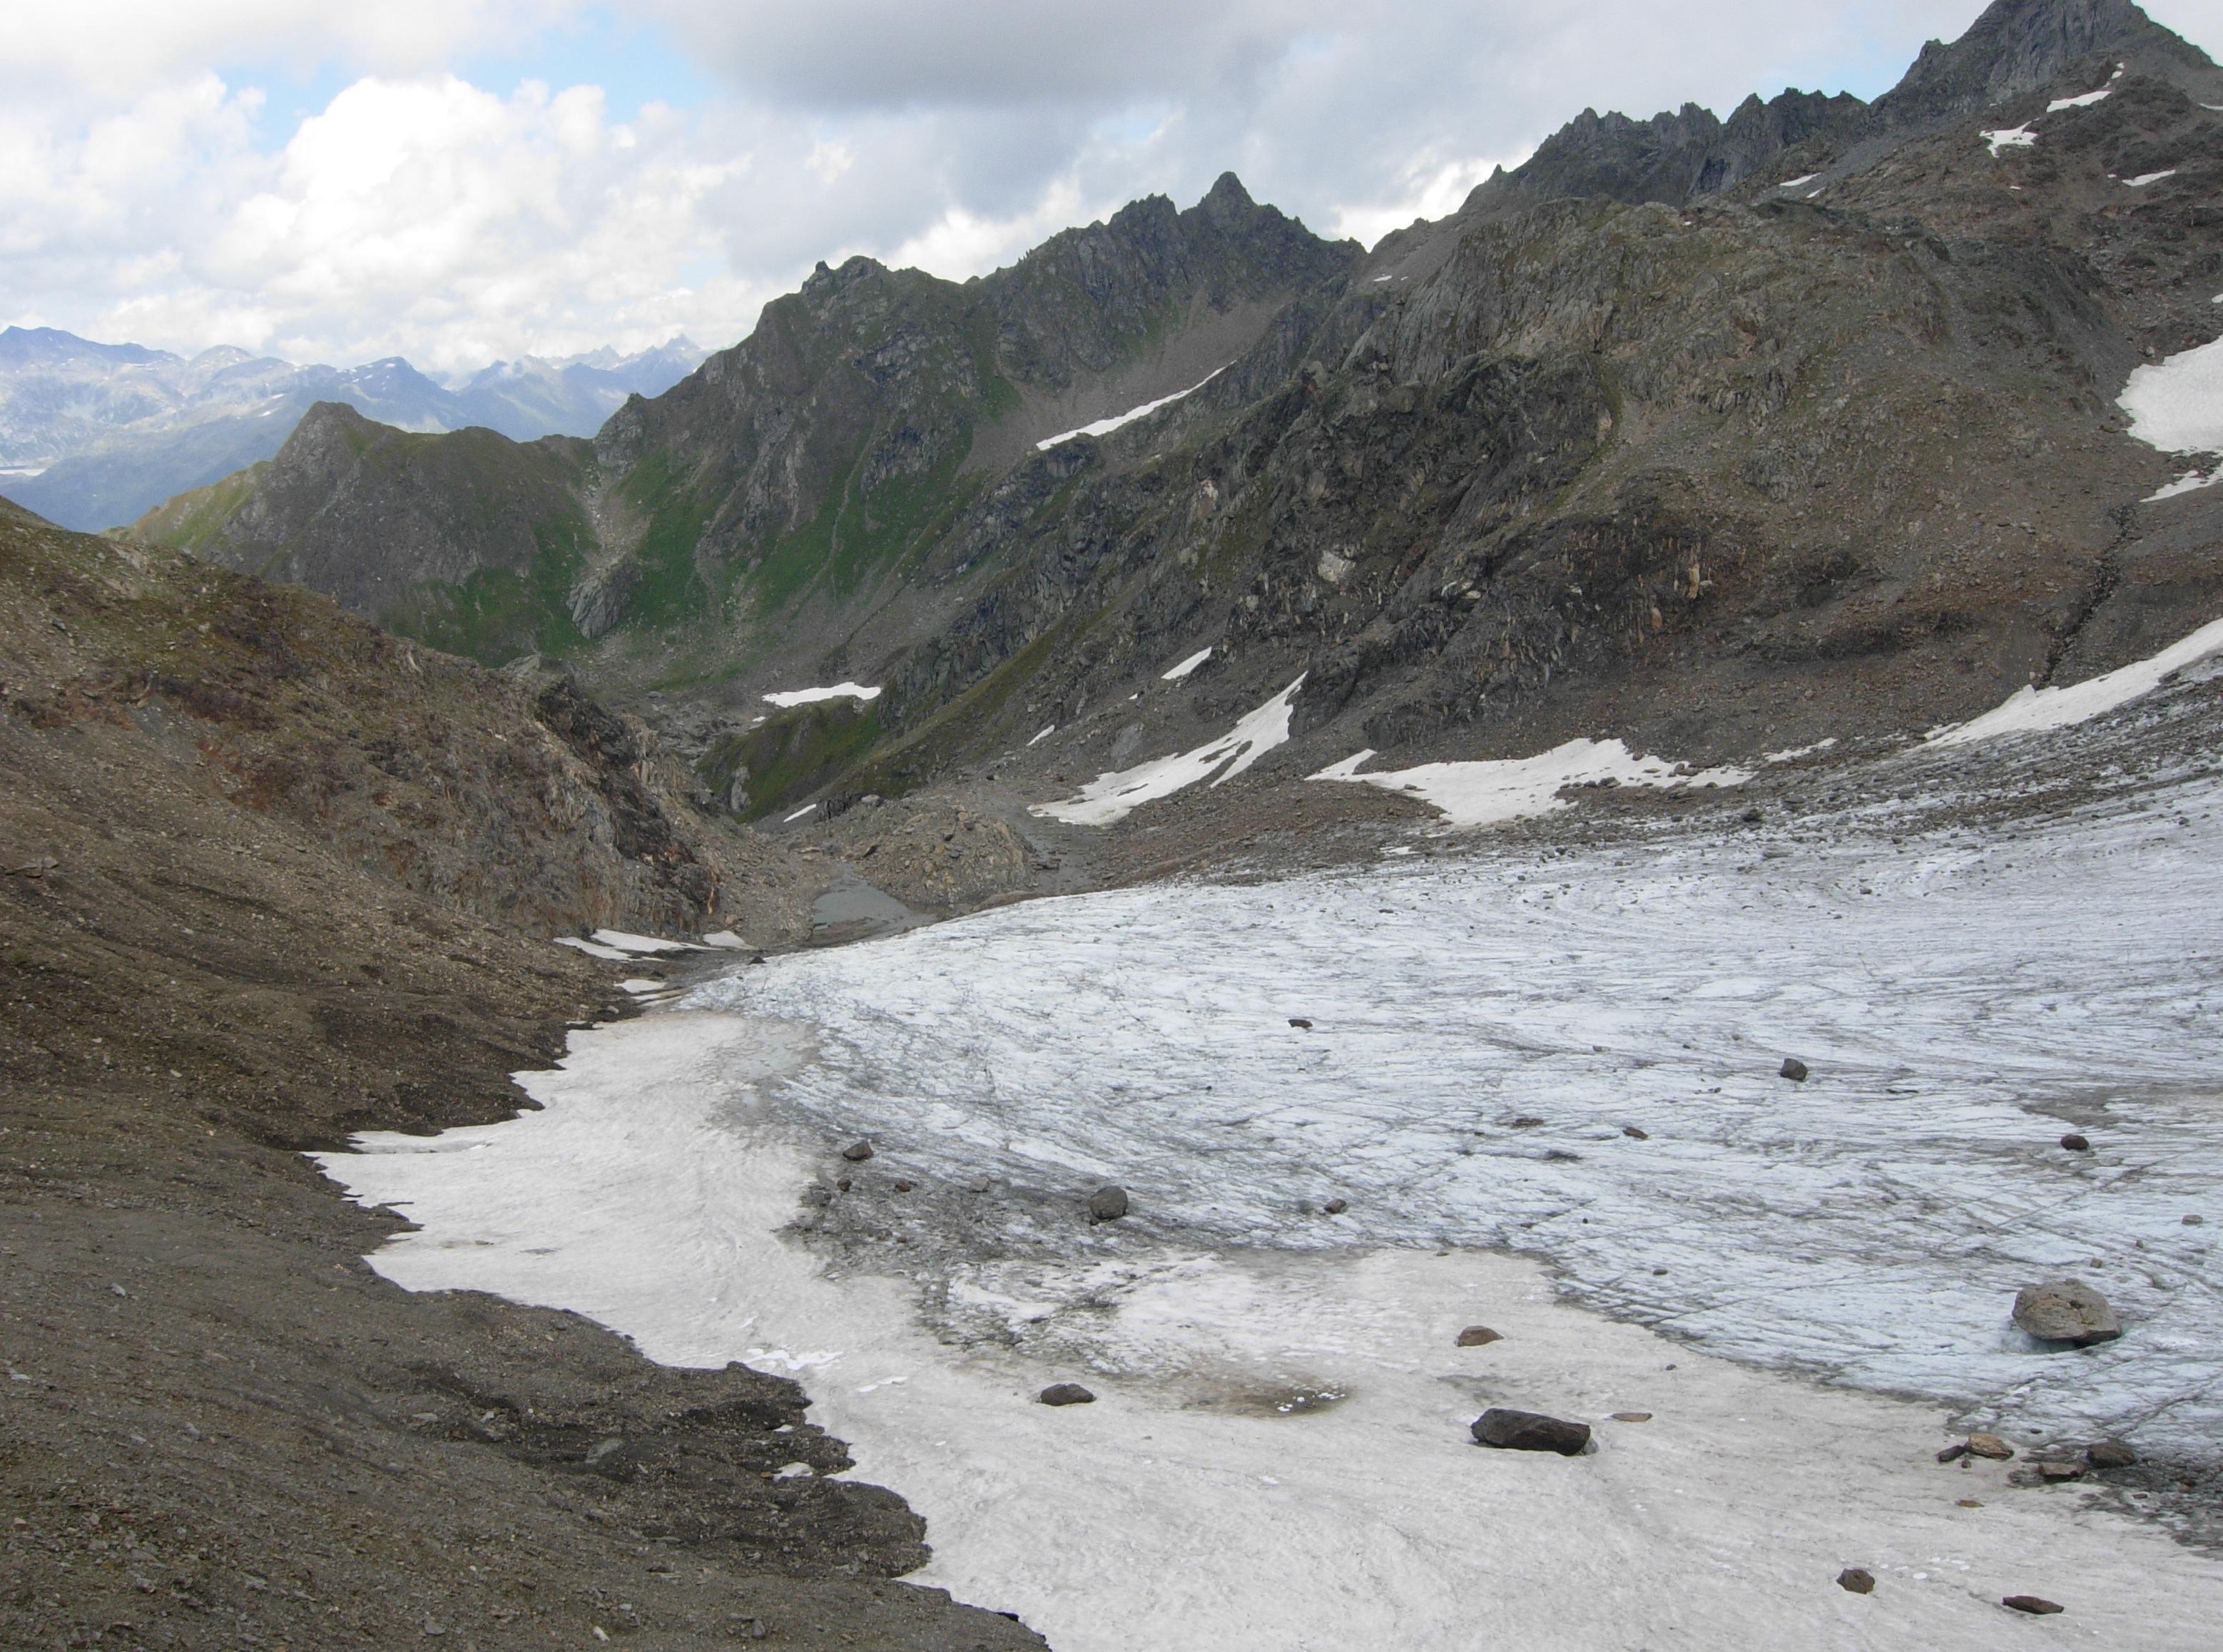 La lingua del ghiacciaio quasi del tutto scoperta